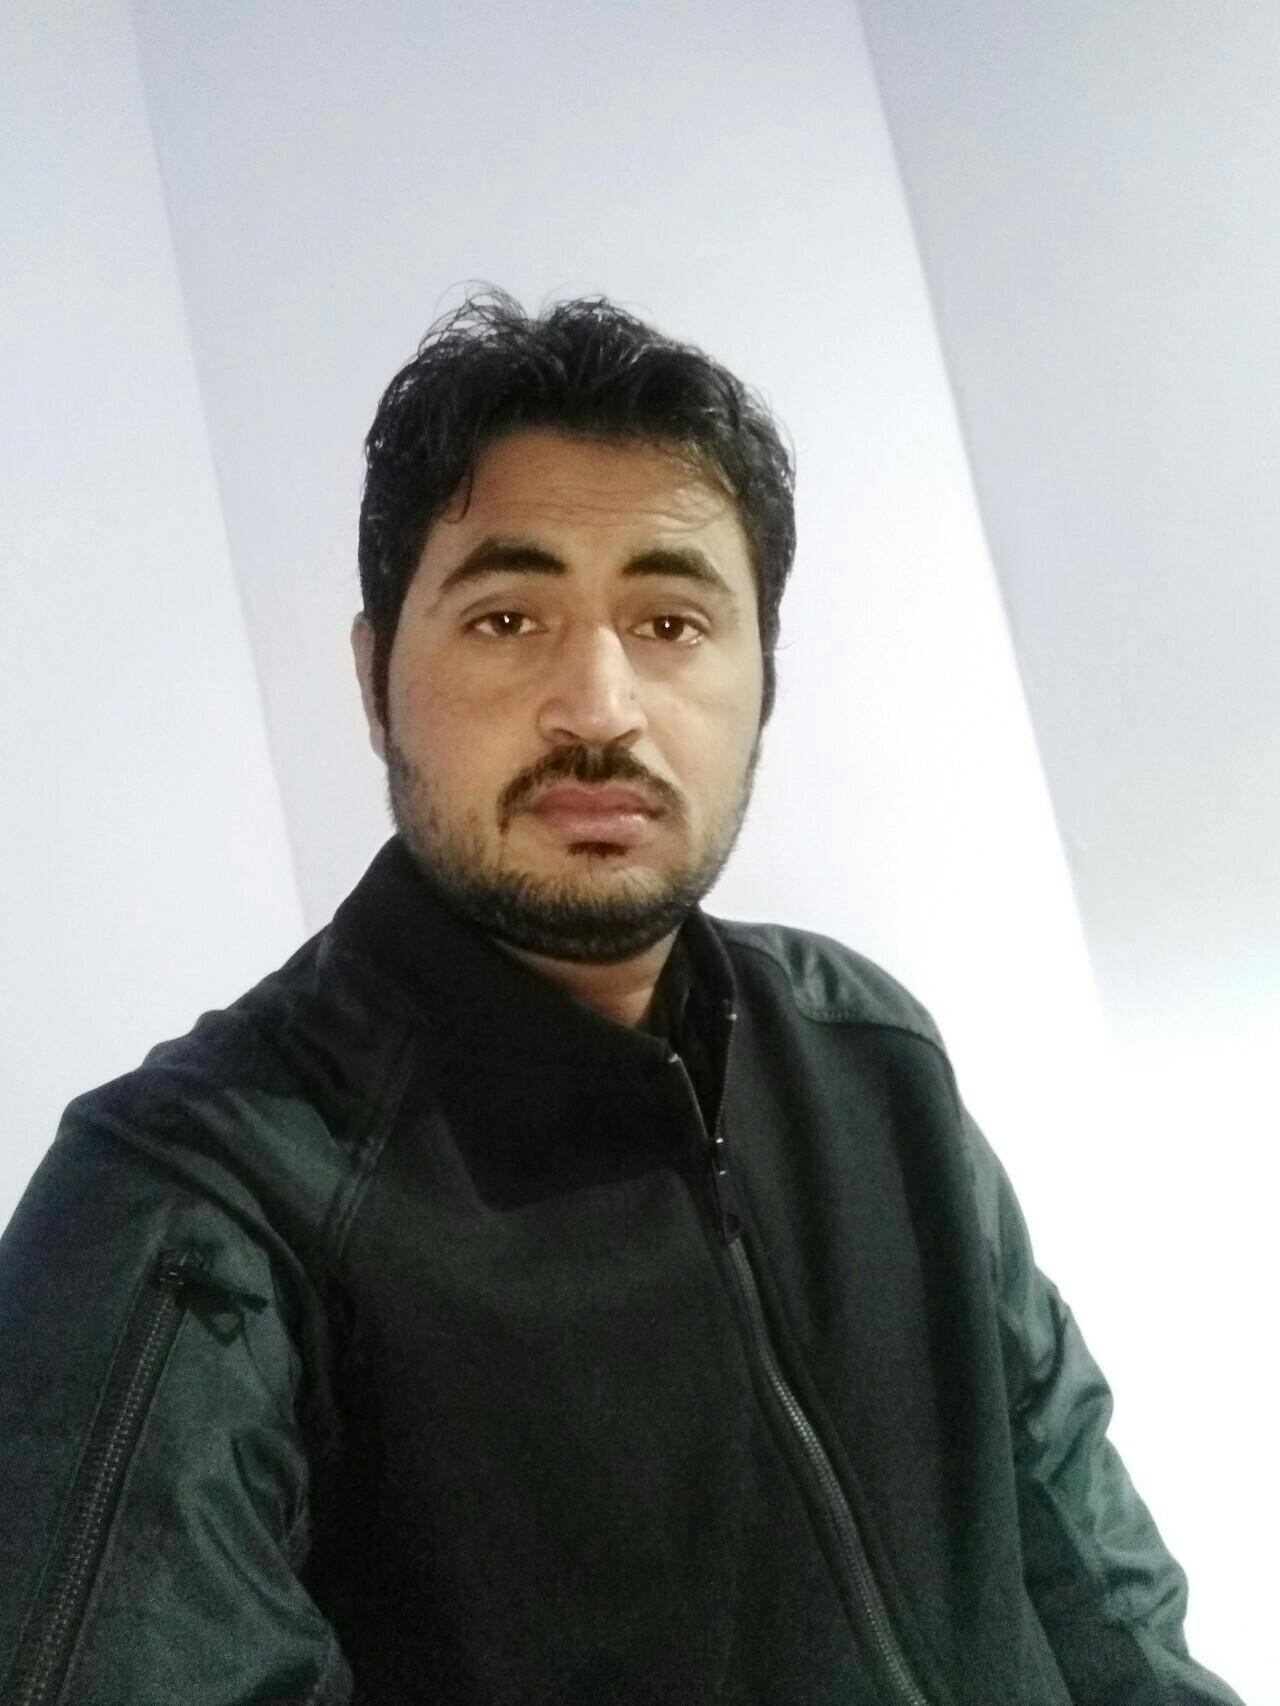 Muhammad Javaid